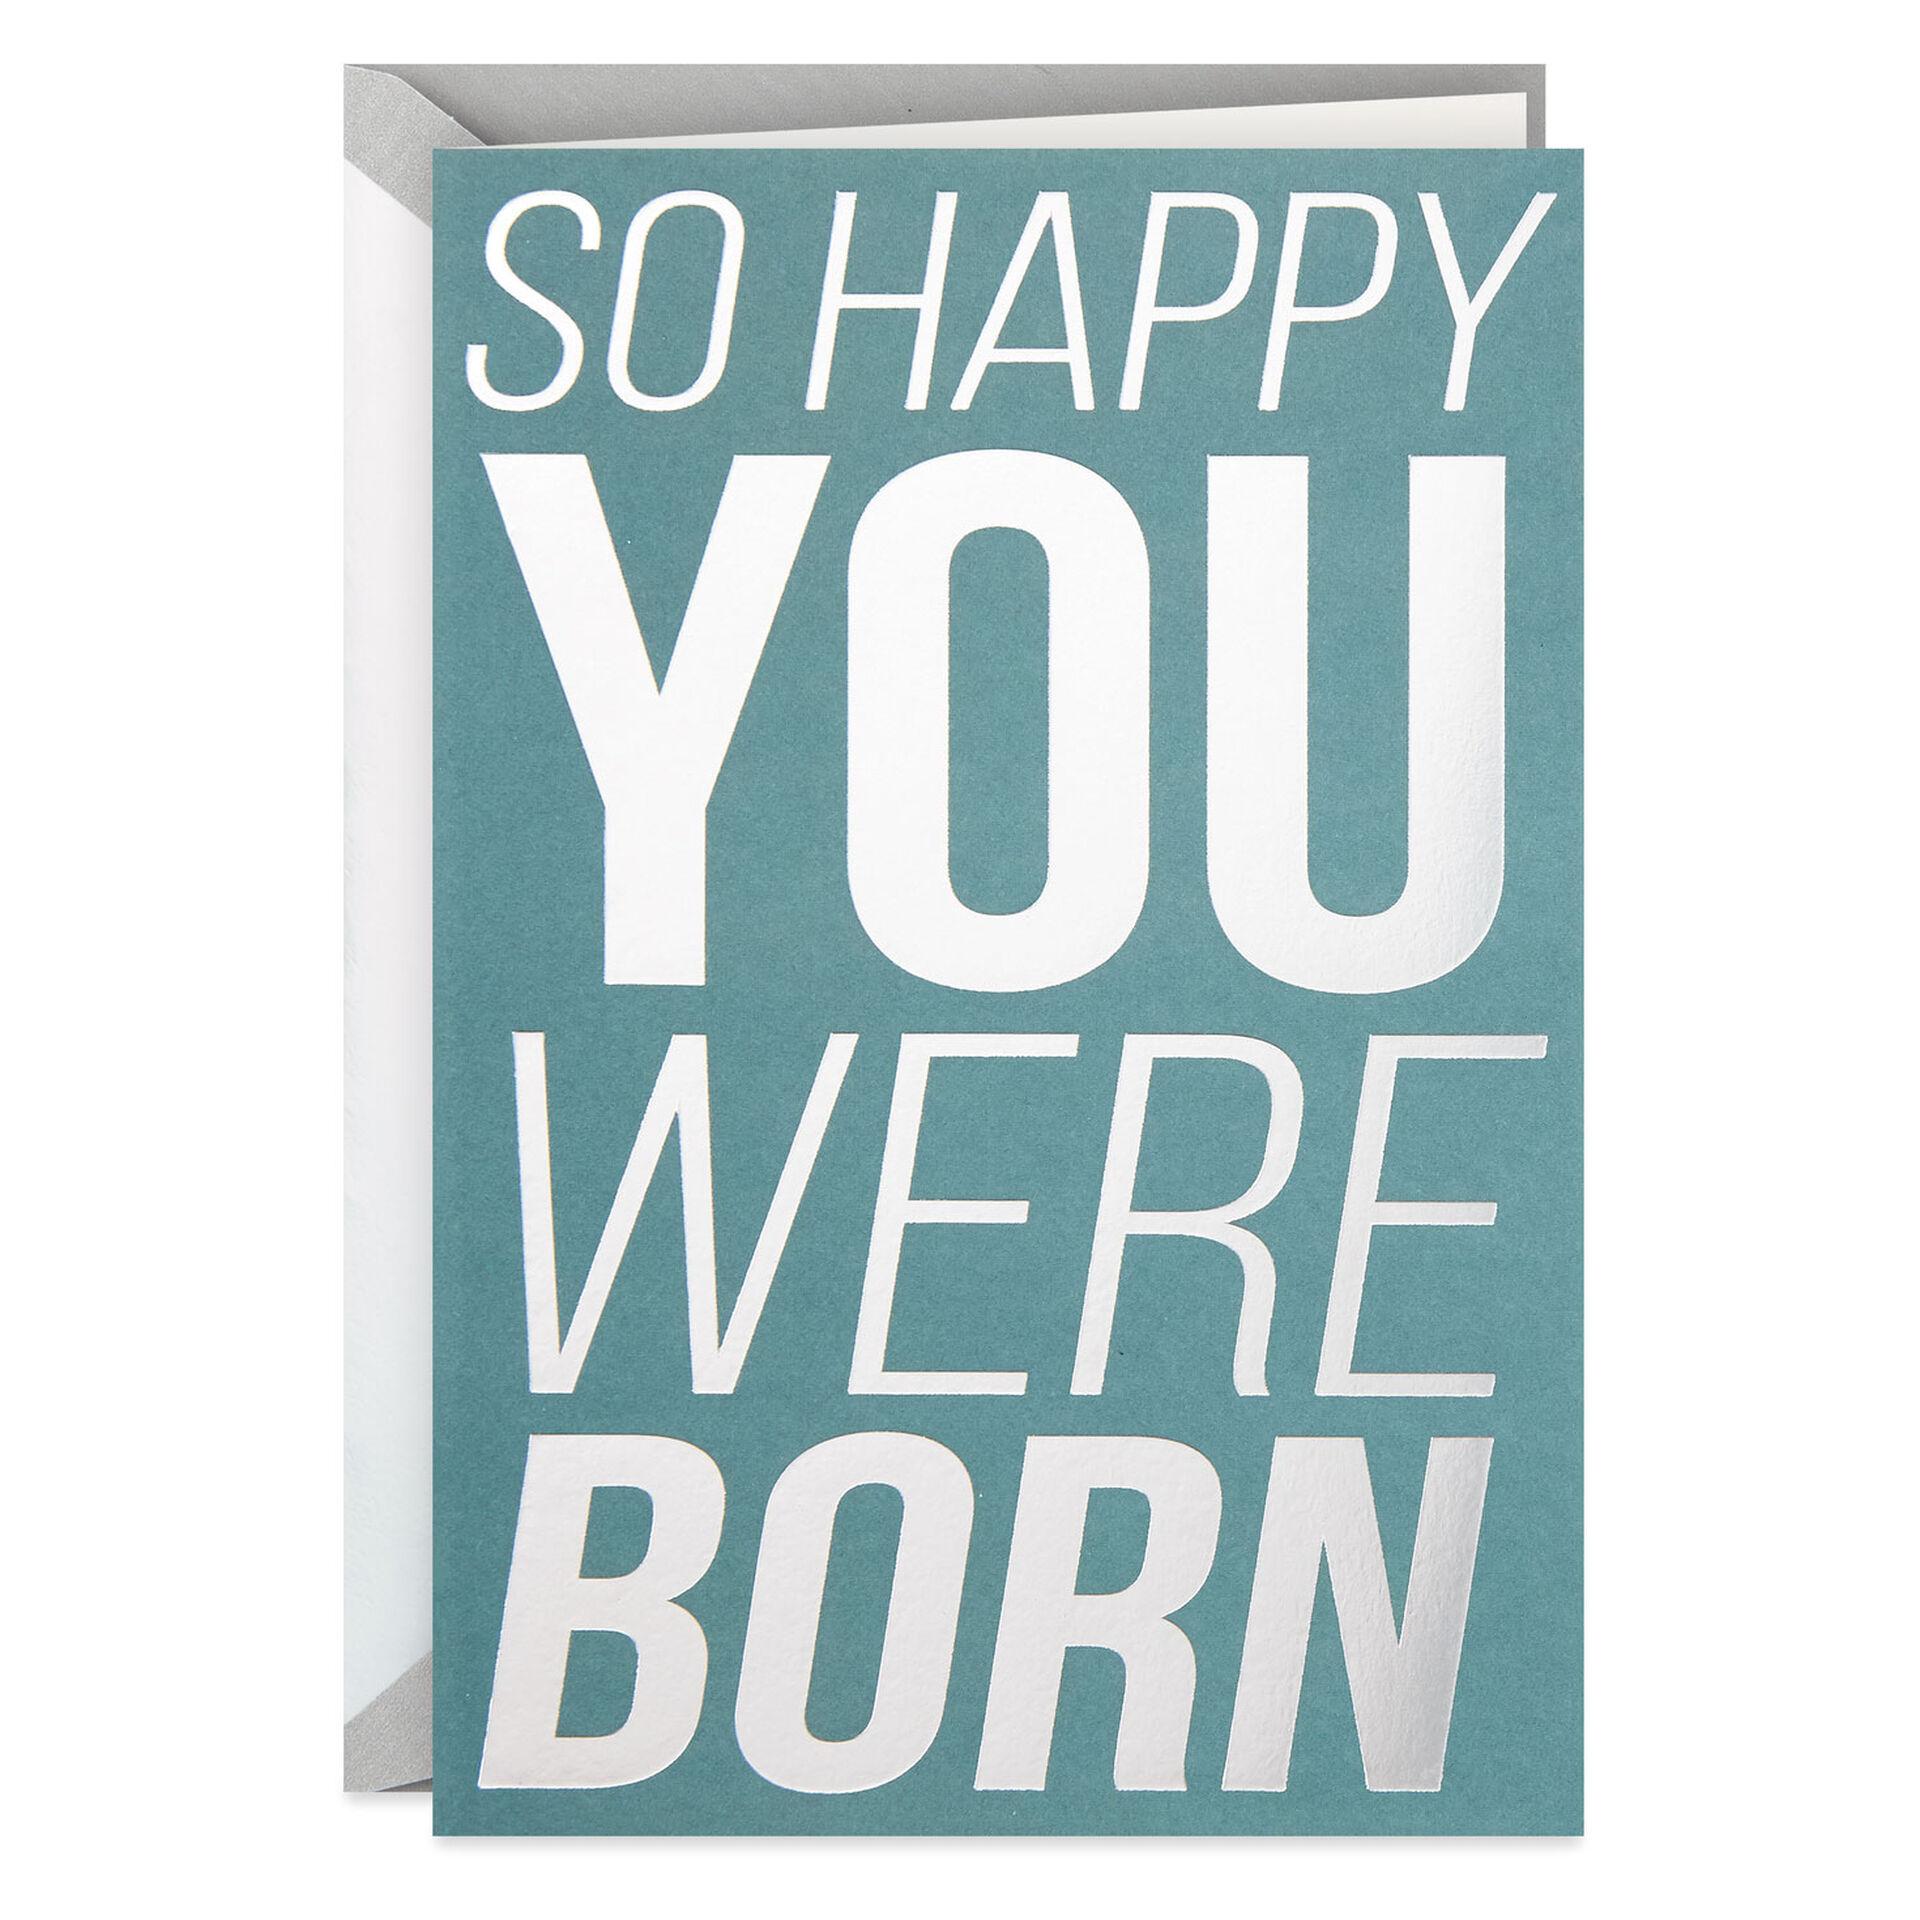 So Happy You Were Born Birthday Card